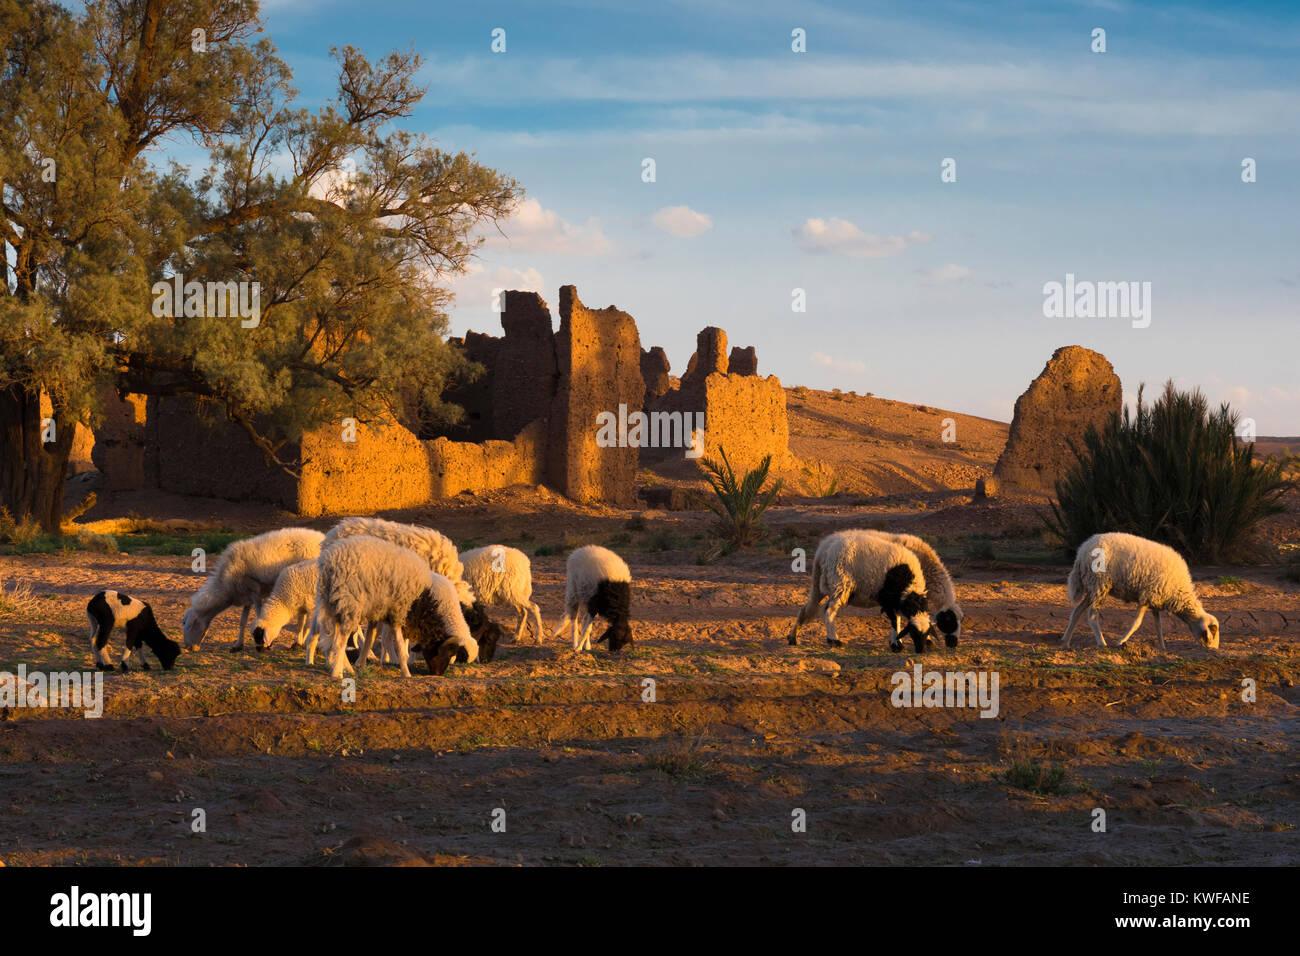 Pecore al pascolo nei dintorni idilliaci della Kasbah al tramonto. Immagini Stock